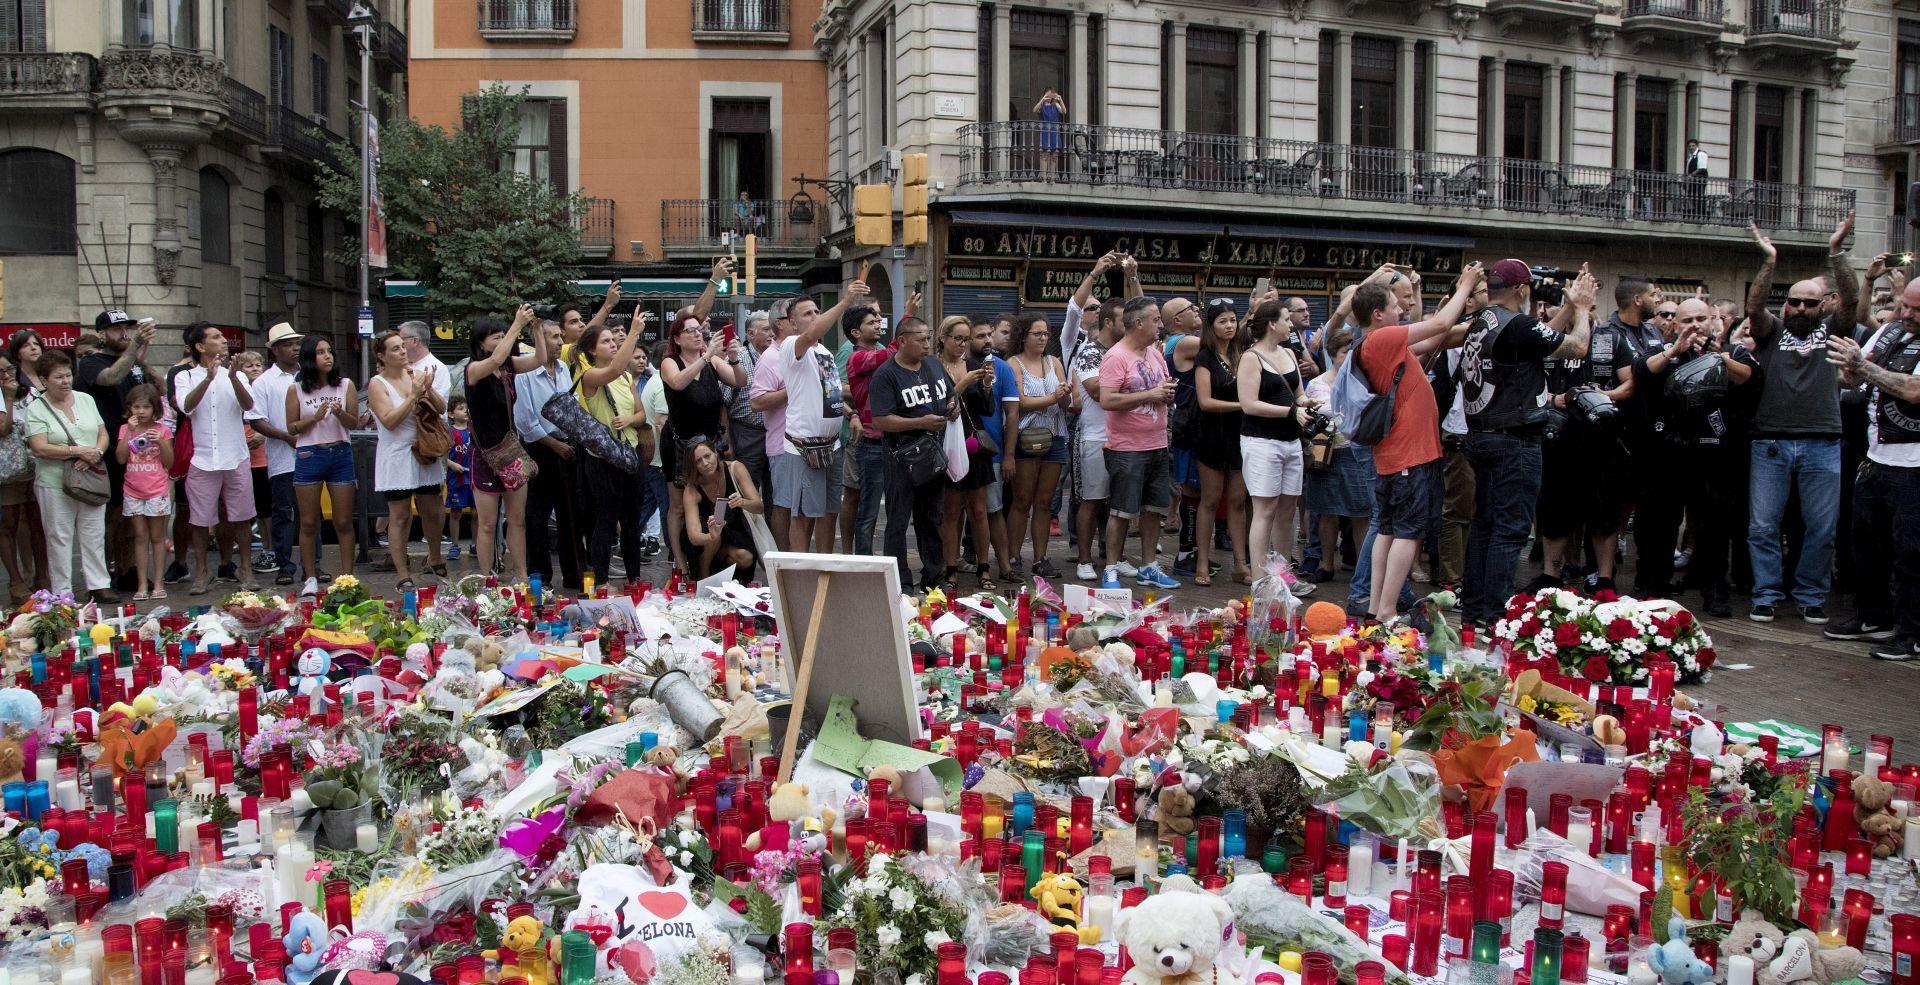 ŠTO, ZAŠTO I KAKO? Kronologija i pretpostavka napada u Kataloniji